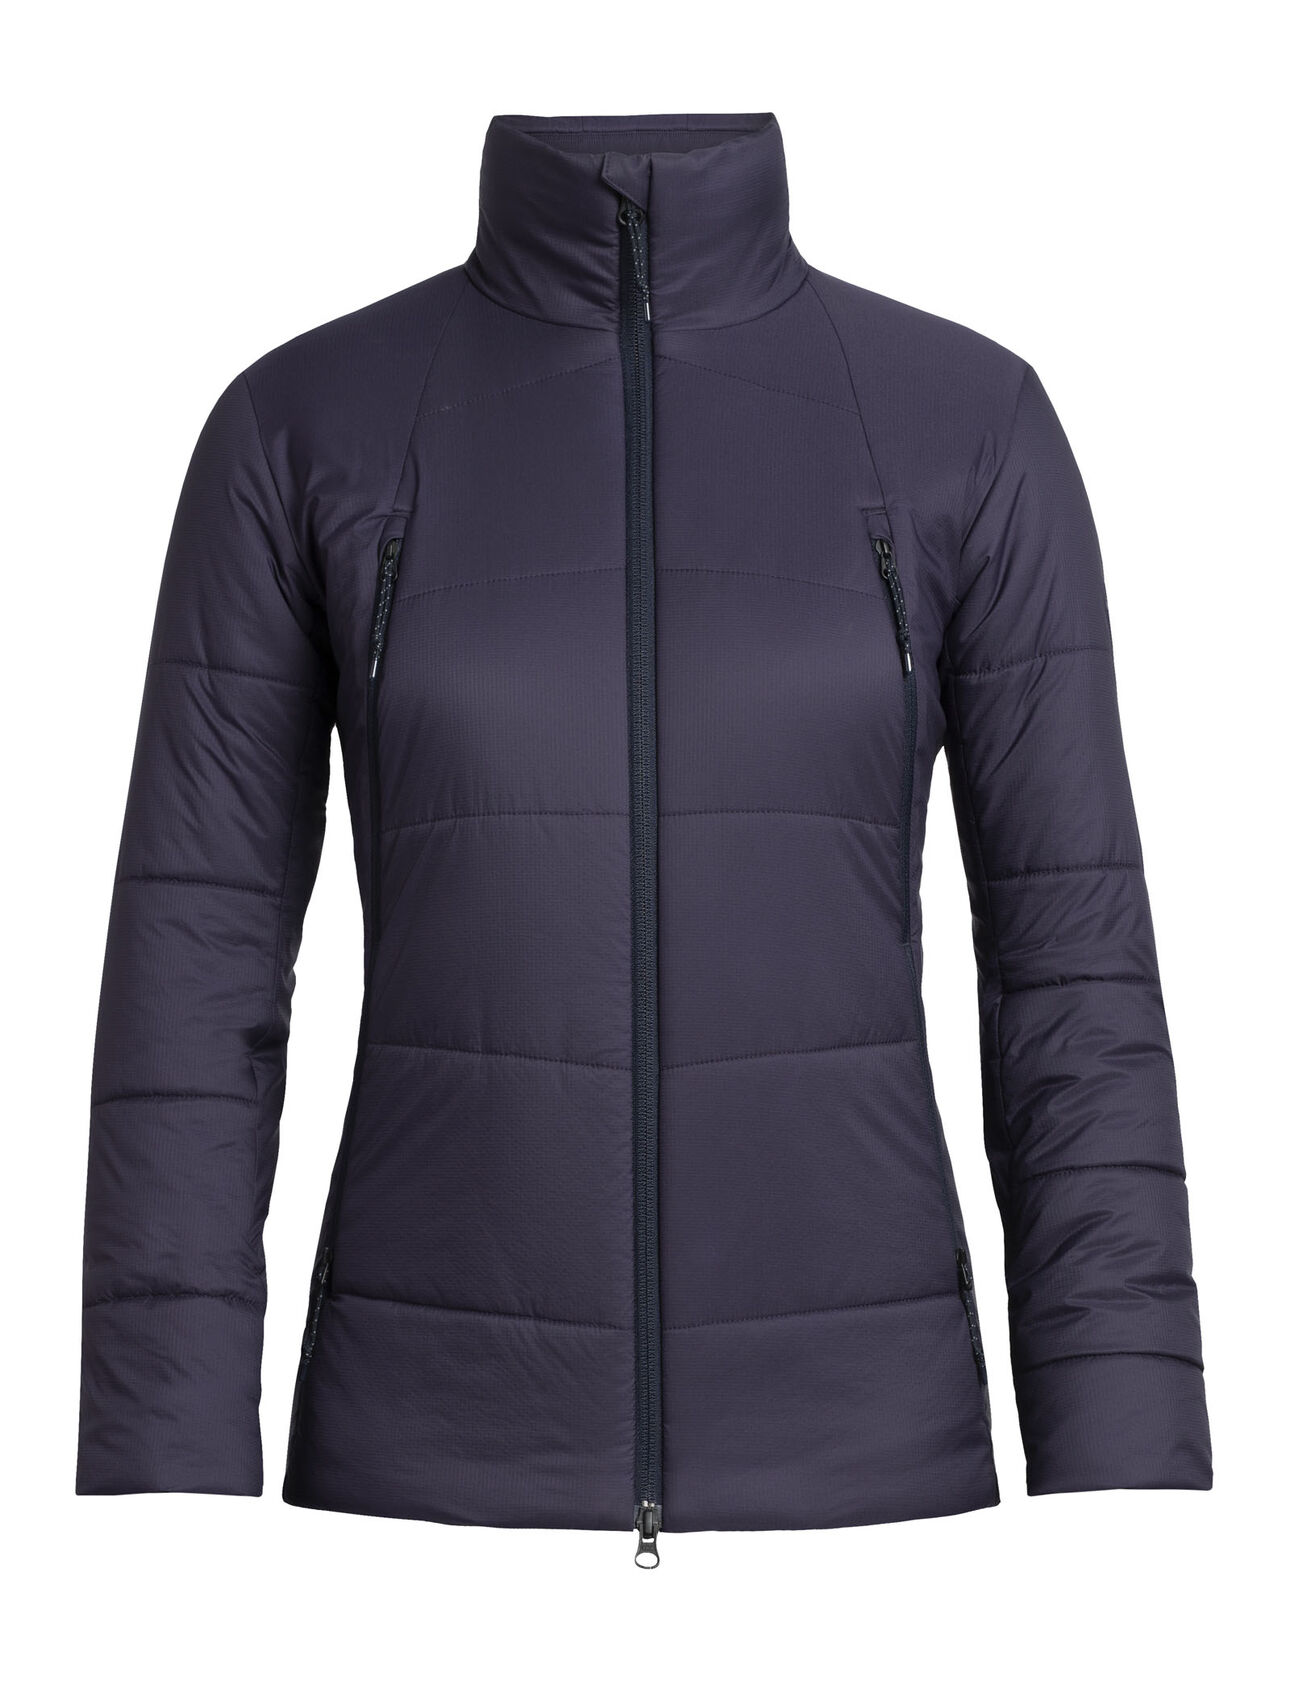 Merino Hyperia Zoned Jacket